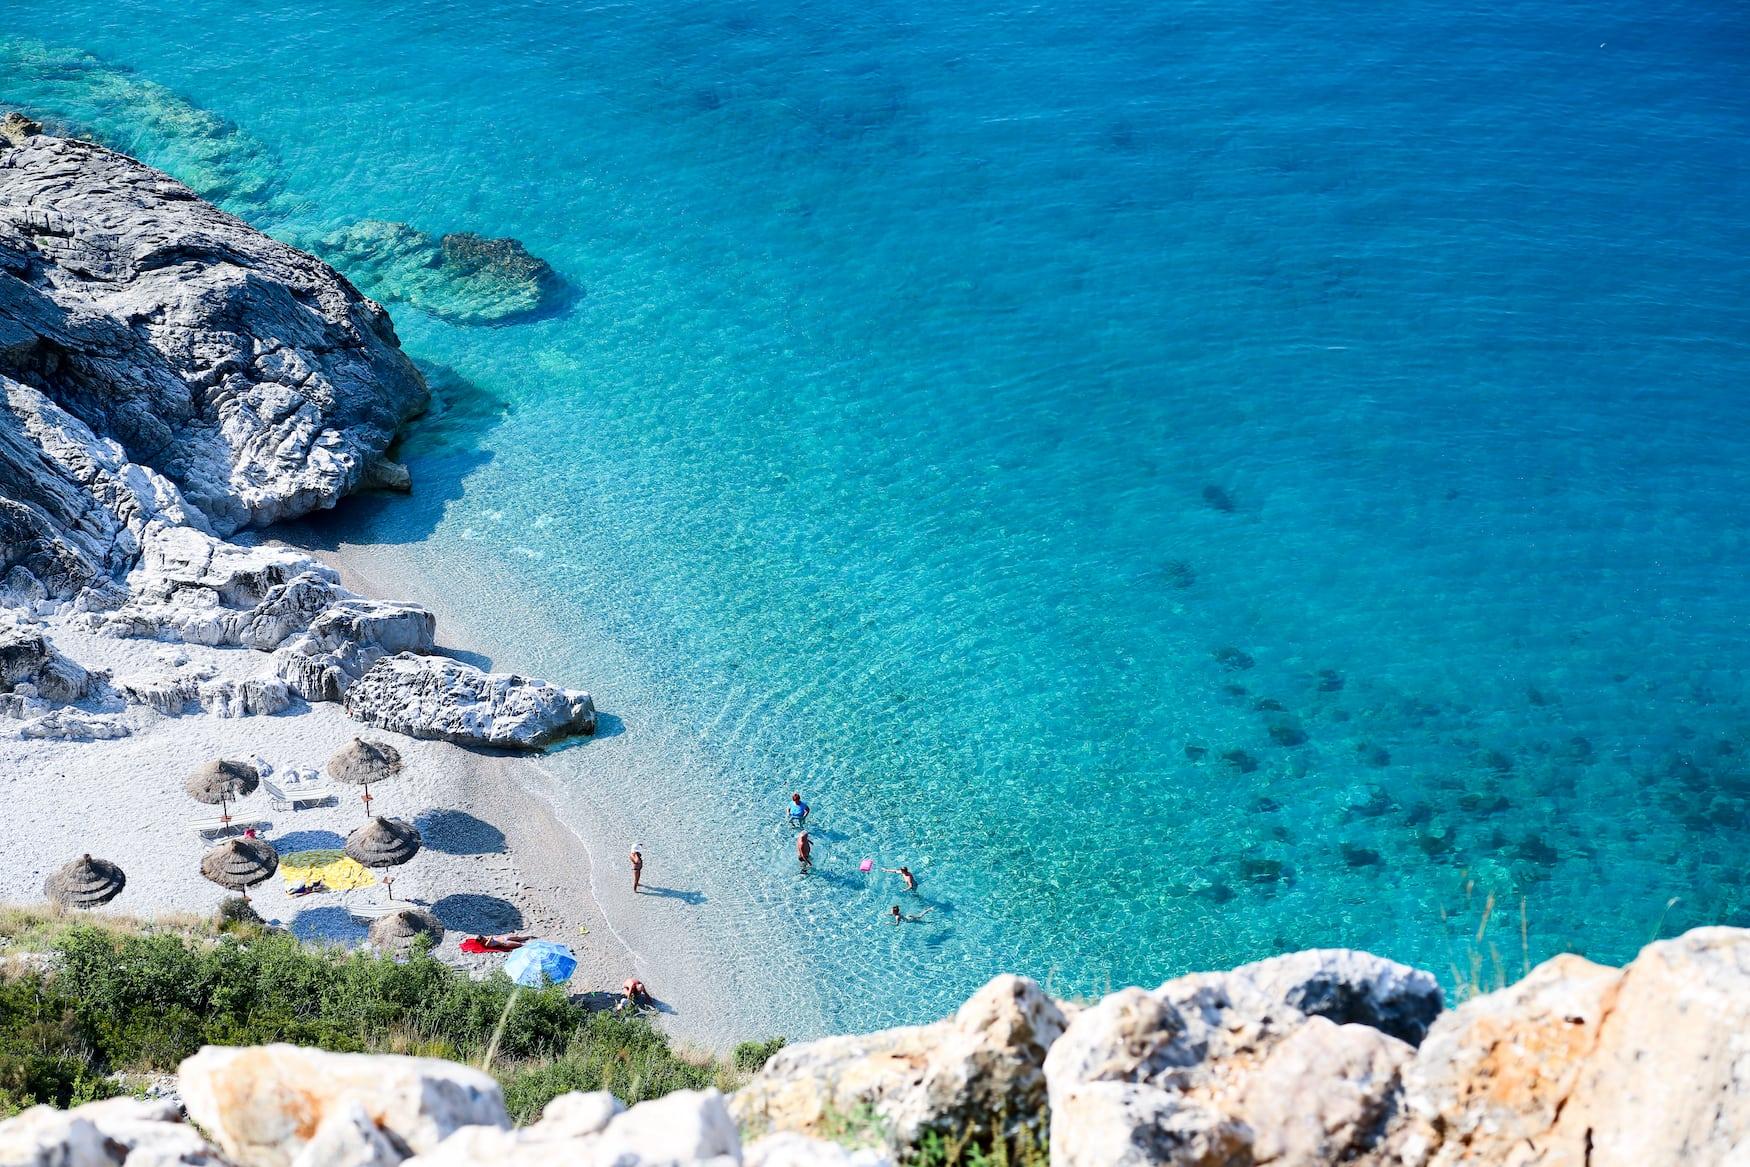 Reisetipps für Zypern: Die wunderschönen kleinen Buchten besuchen